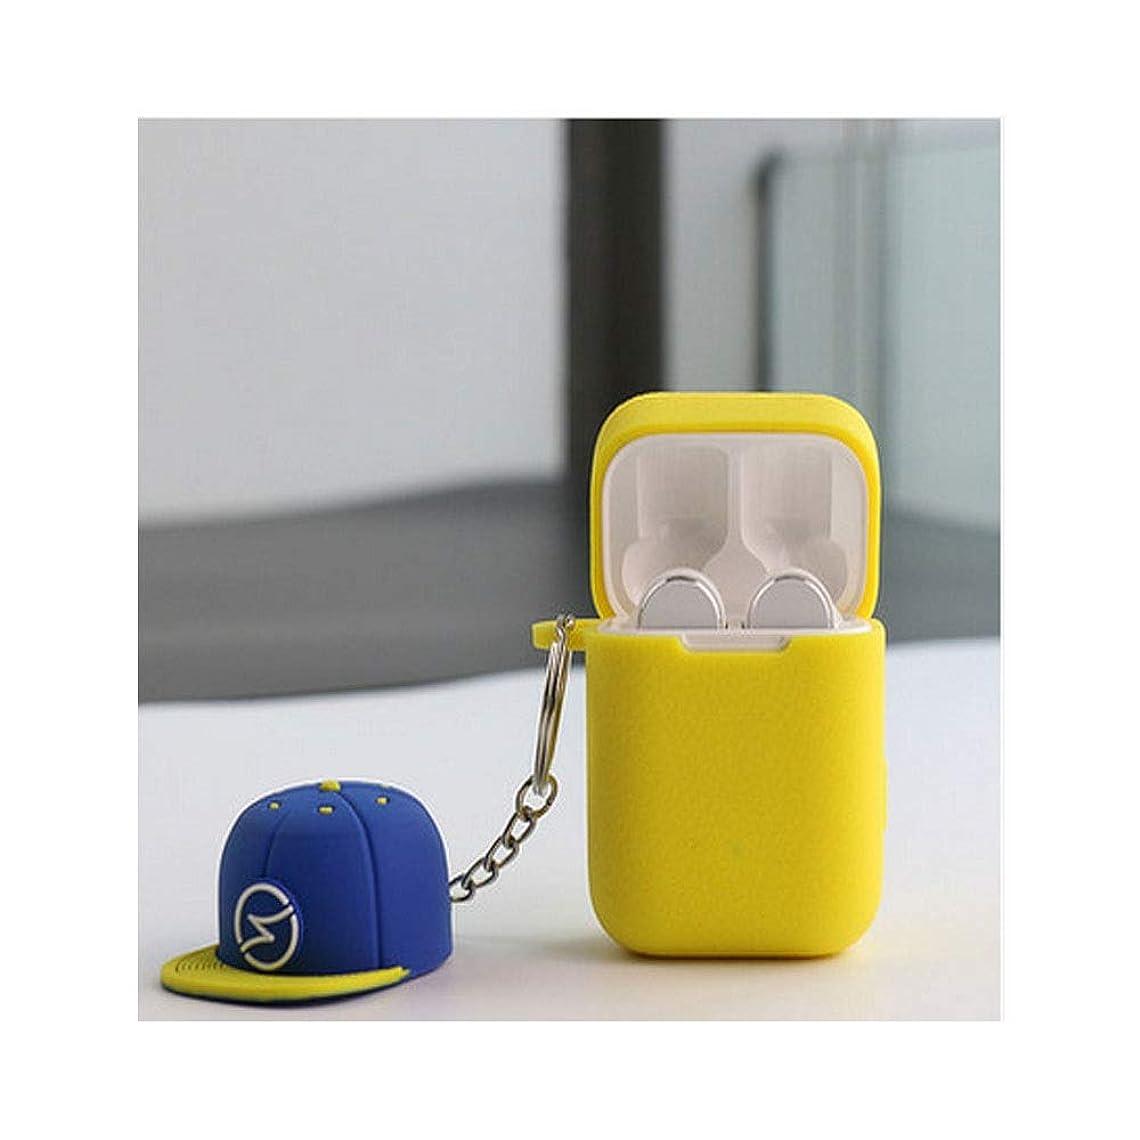 見えない癒すサラダJielongtongxun001 ヘッドフォンカバー、Bluetoothワイヤレスイヤホンシリコンケース、クールな個性、野球帽のペンダント、ソフトレザー、滑り止めパッド付きイヤホンバッグ 軽量 (Color : Yellow)